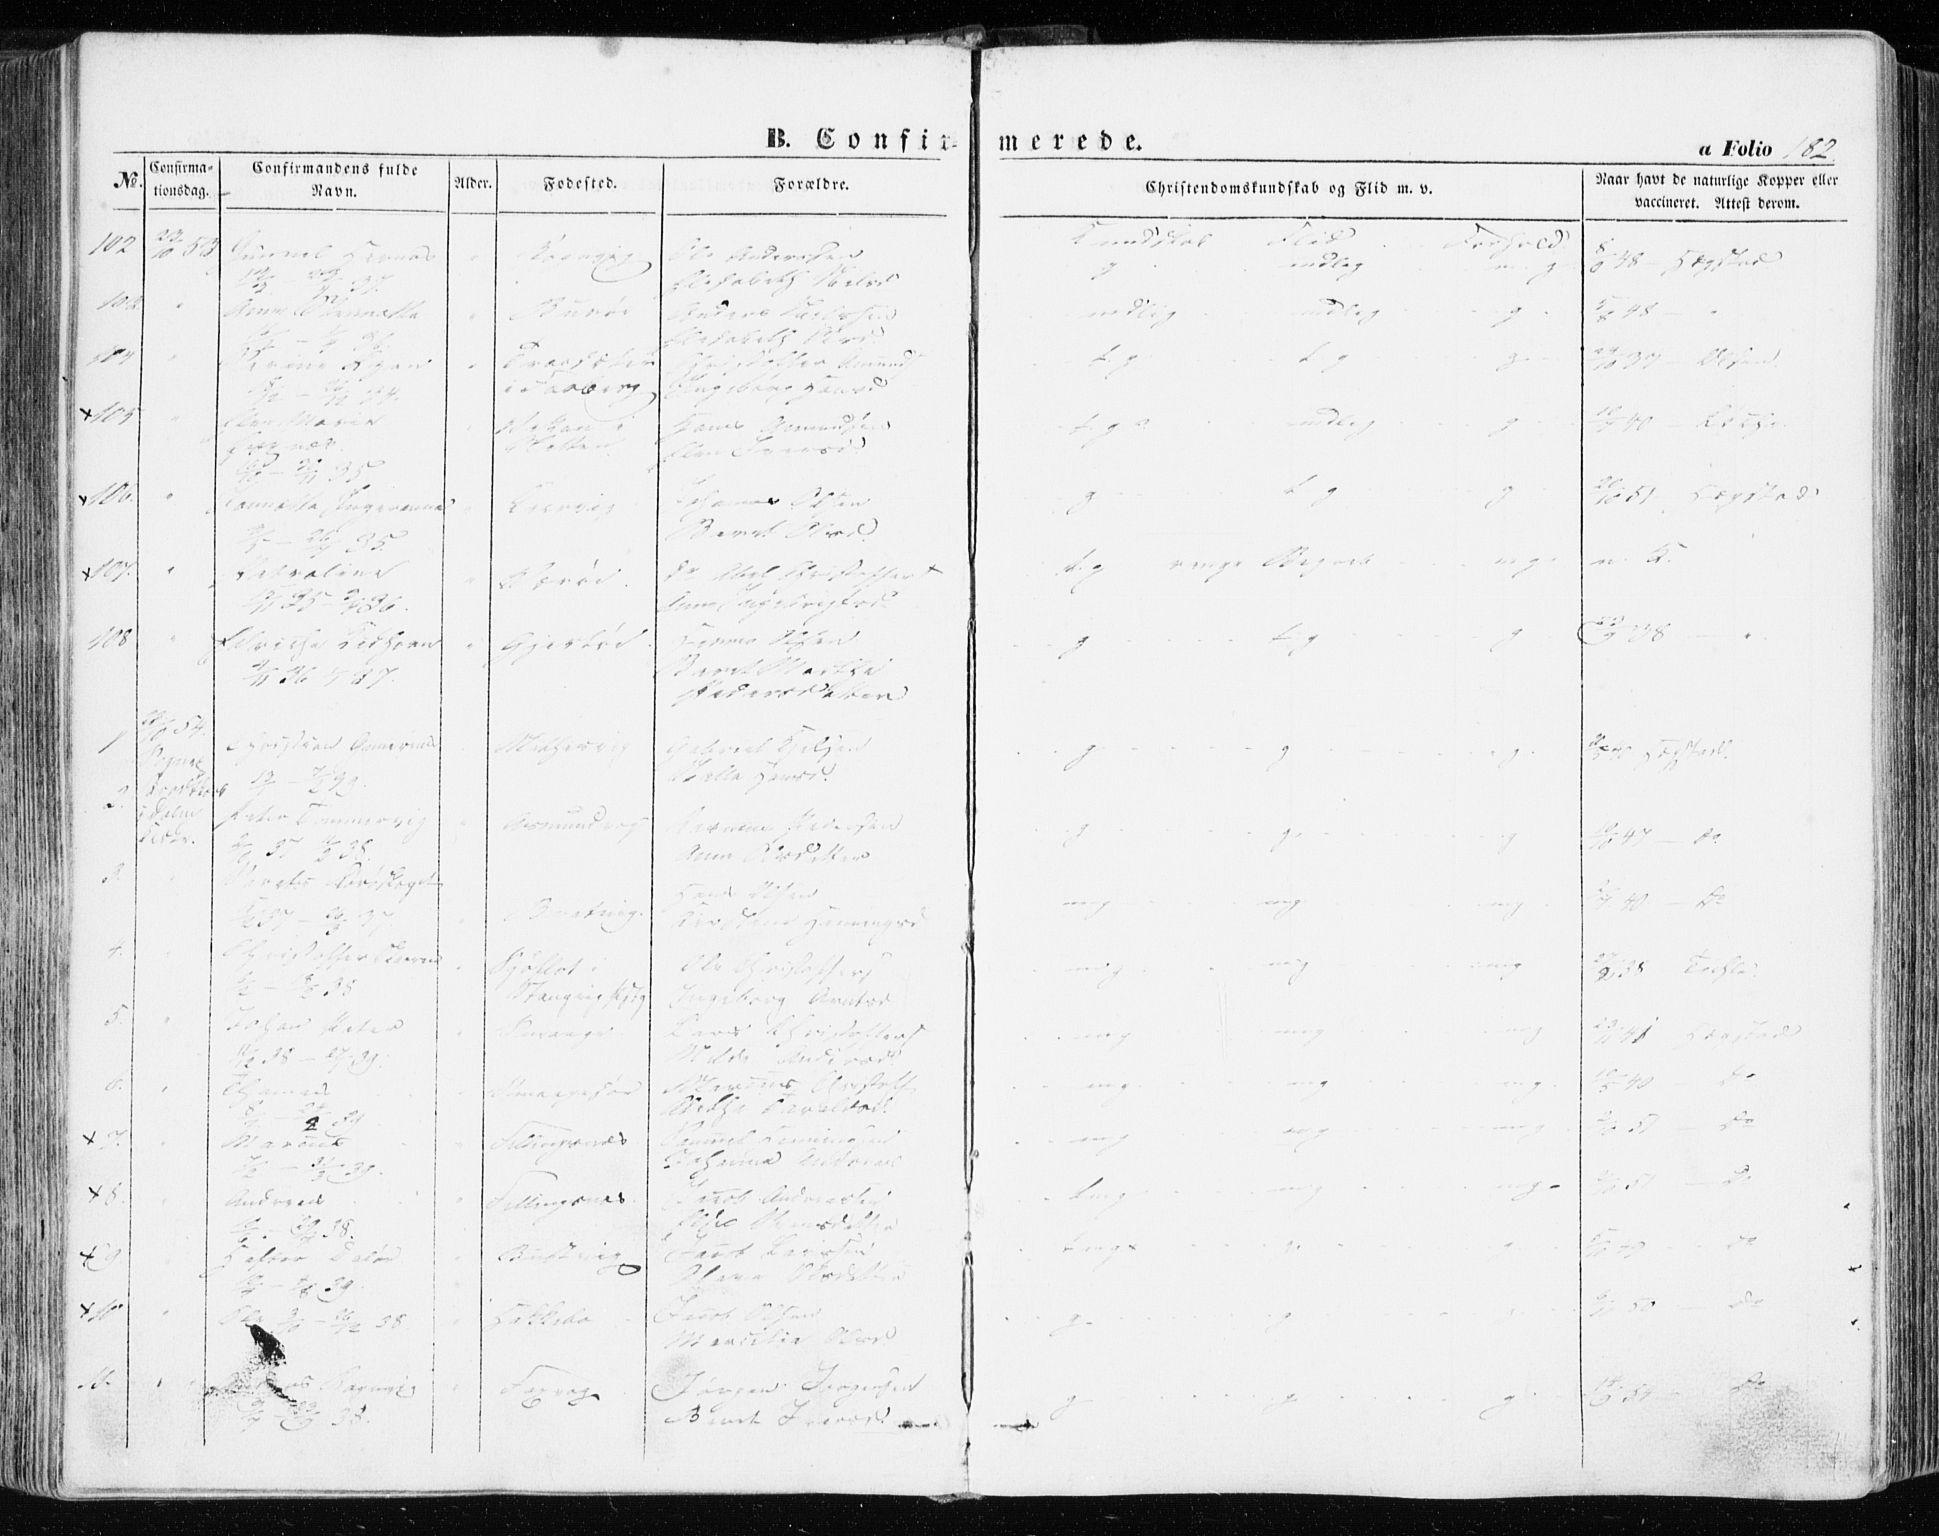 SAT, Ministerialprotokoller, klokkerbøker og fødselsregistre - Sør-Trøndelag, 634/L0530: Ministerialbok nr. 634A06, 1852-1860, s. 182